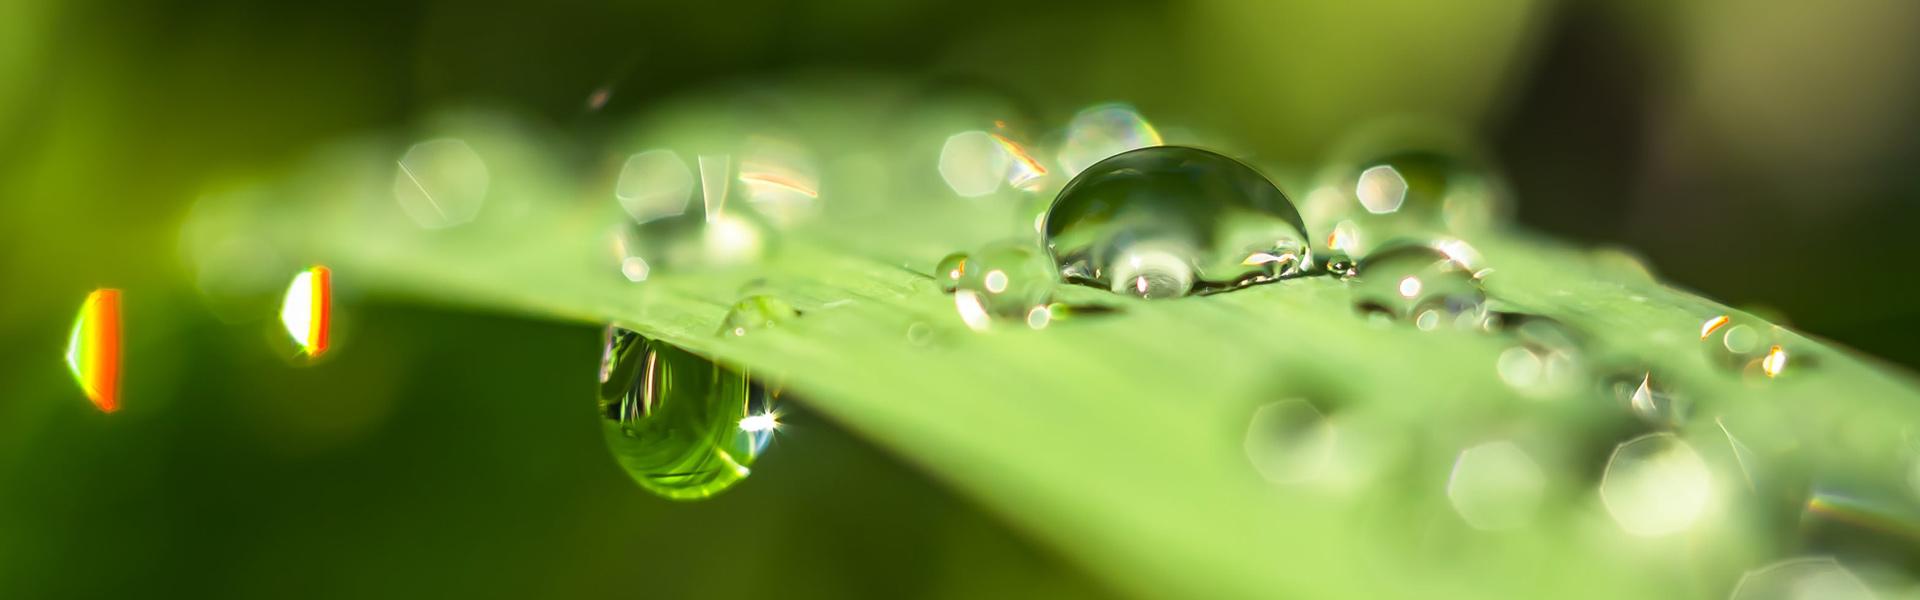 Onmisbaar in een duurzaam energiesysteem